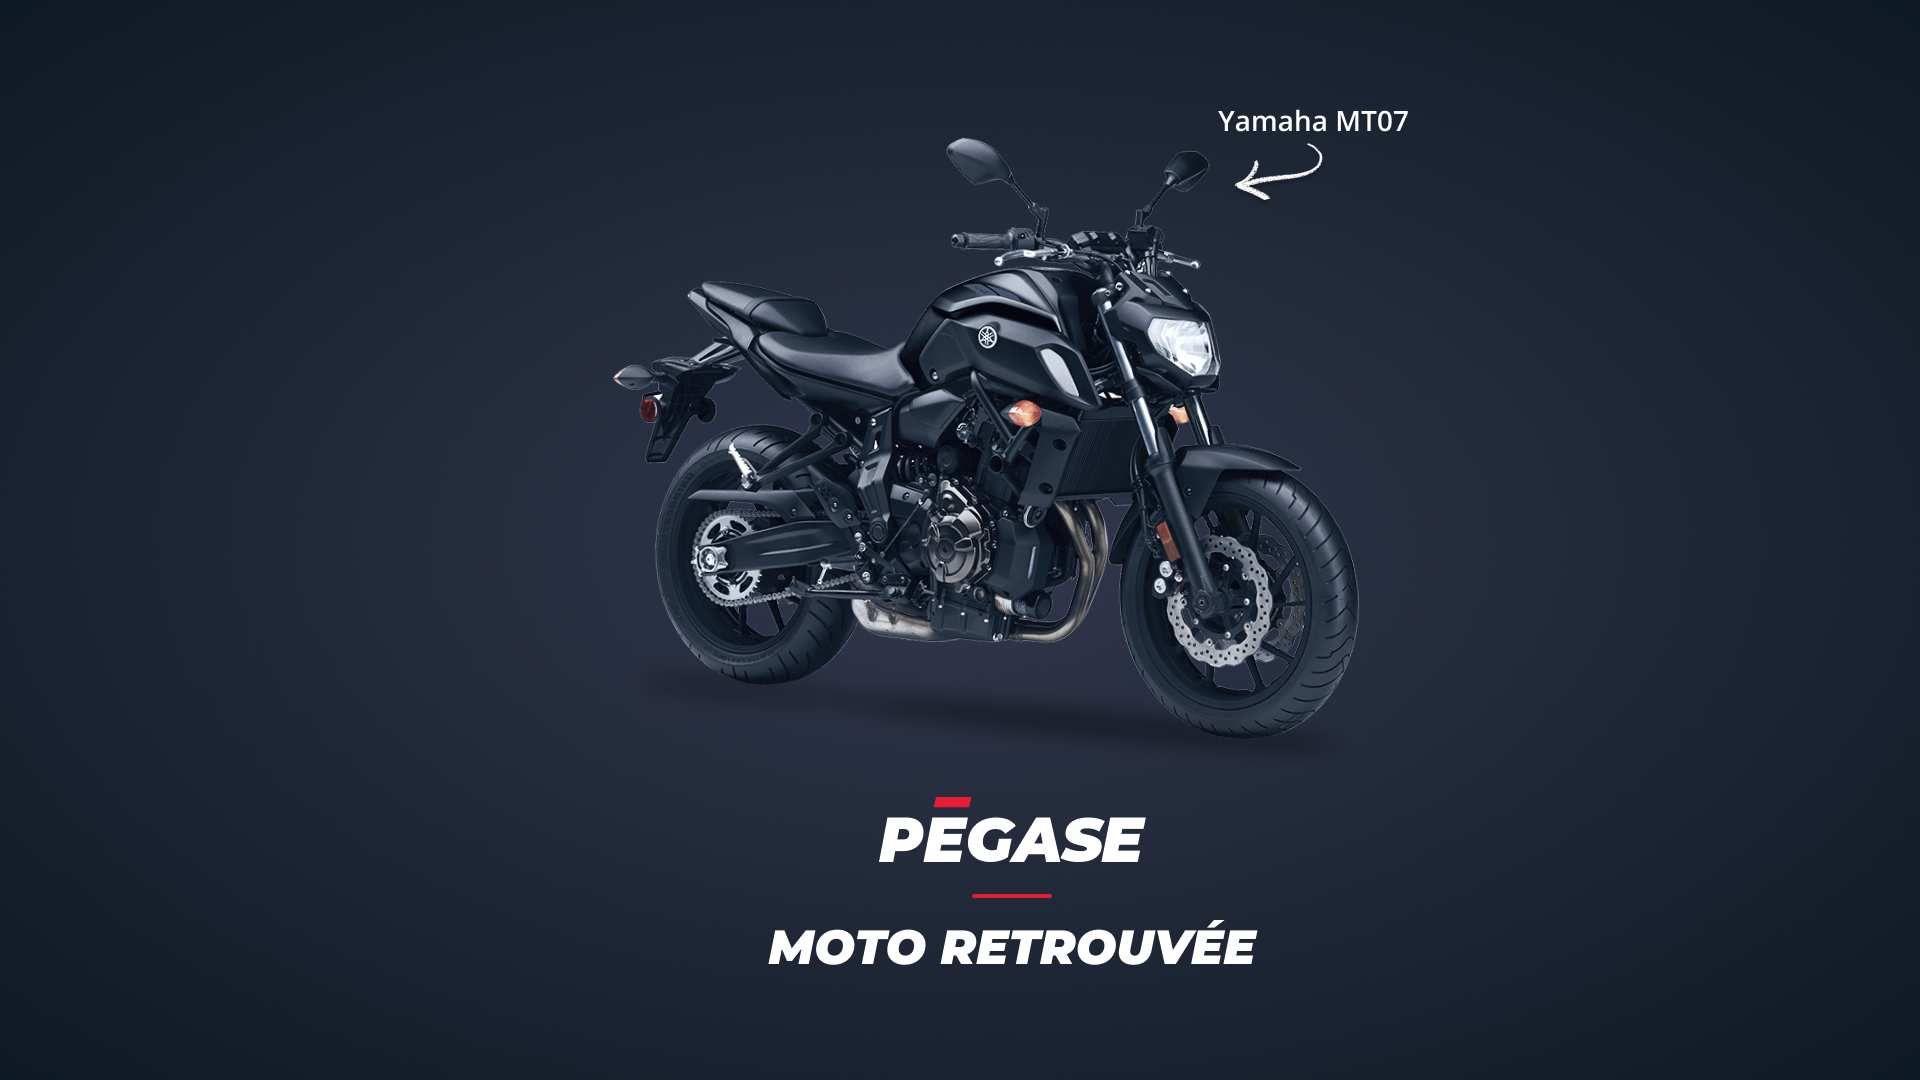 Gestolen fiets alarm! Yamaha MT07